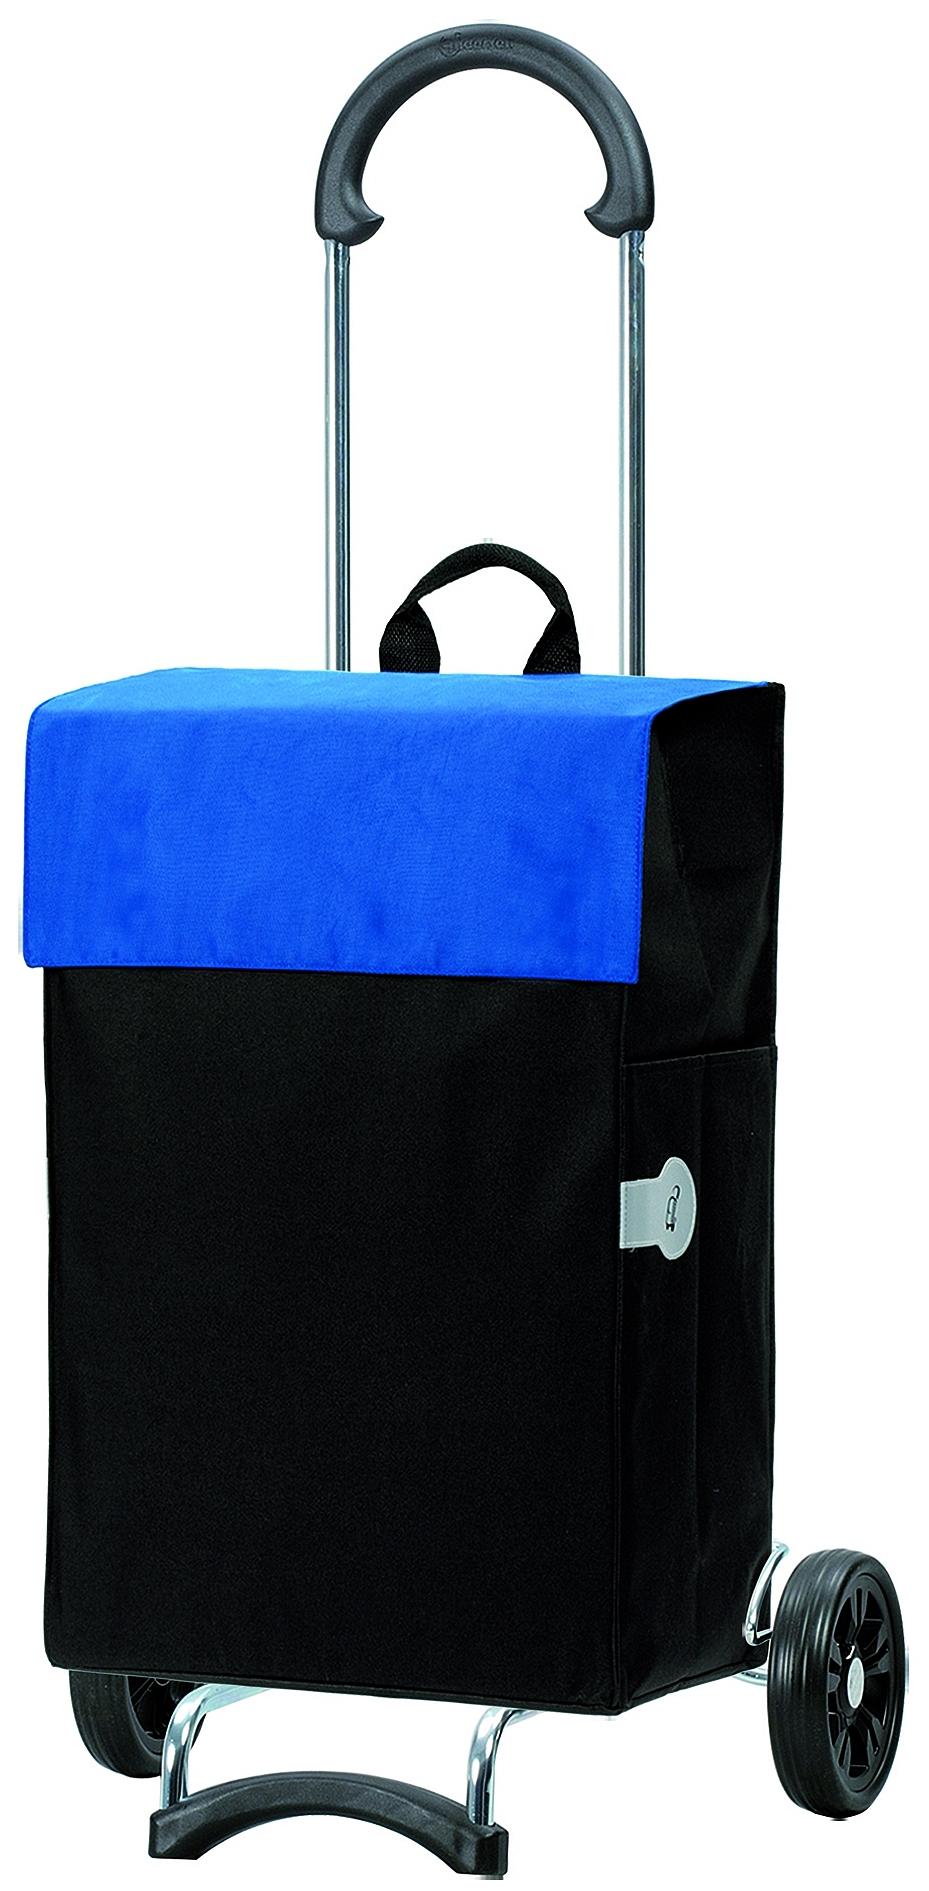 Andersen Nákupní taška na kolečkách SCALA SHOPPER® HERA 112-004-90 černo-modrá